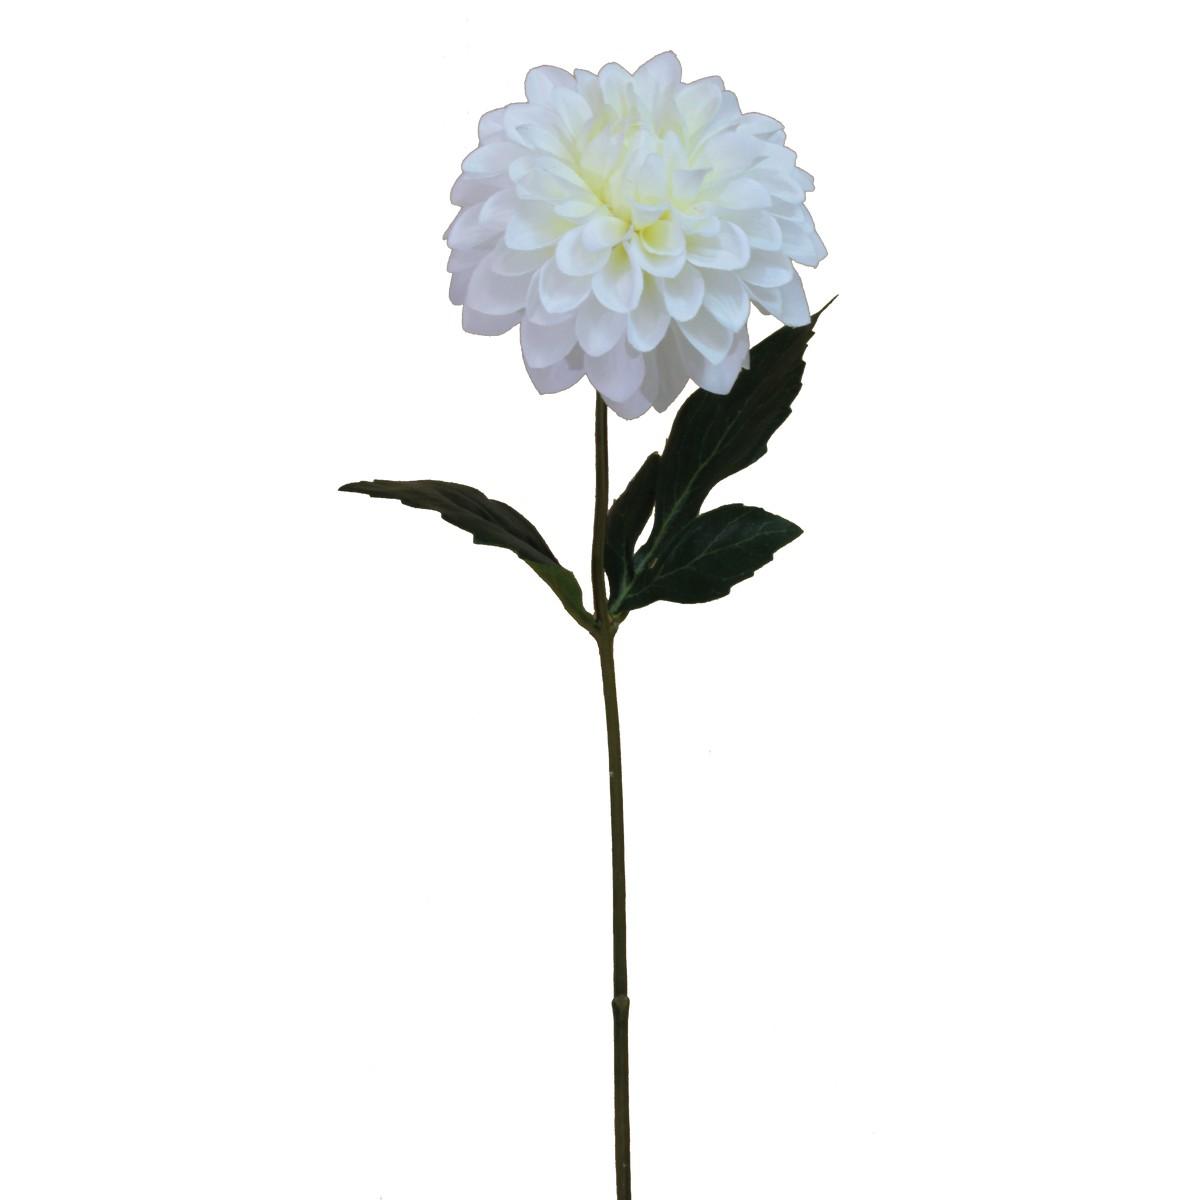 【造花】パレ/シングルダリアスプレー ホワイト/P-8293-10【01】【取寄】[24本]《 造花(アーティフィシャルフラワー) 造花 花材「た行」 ダリア 》